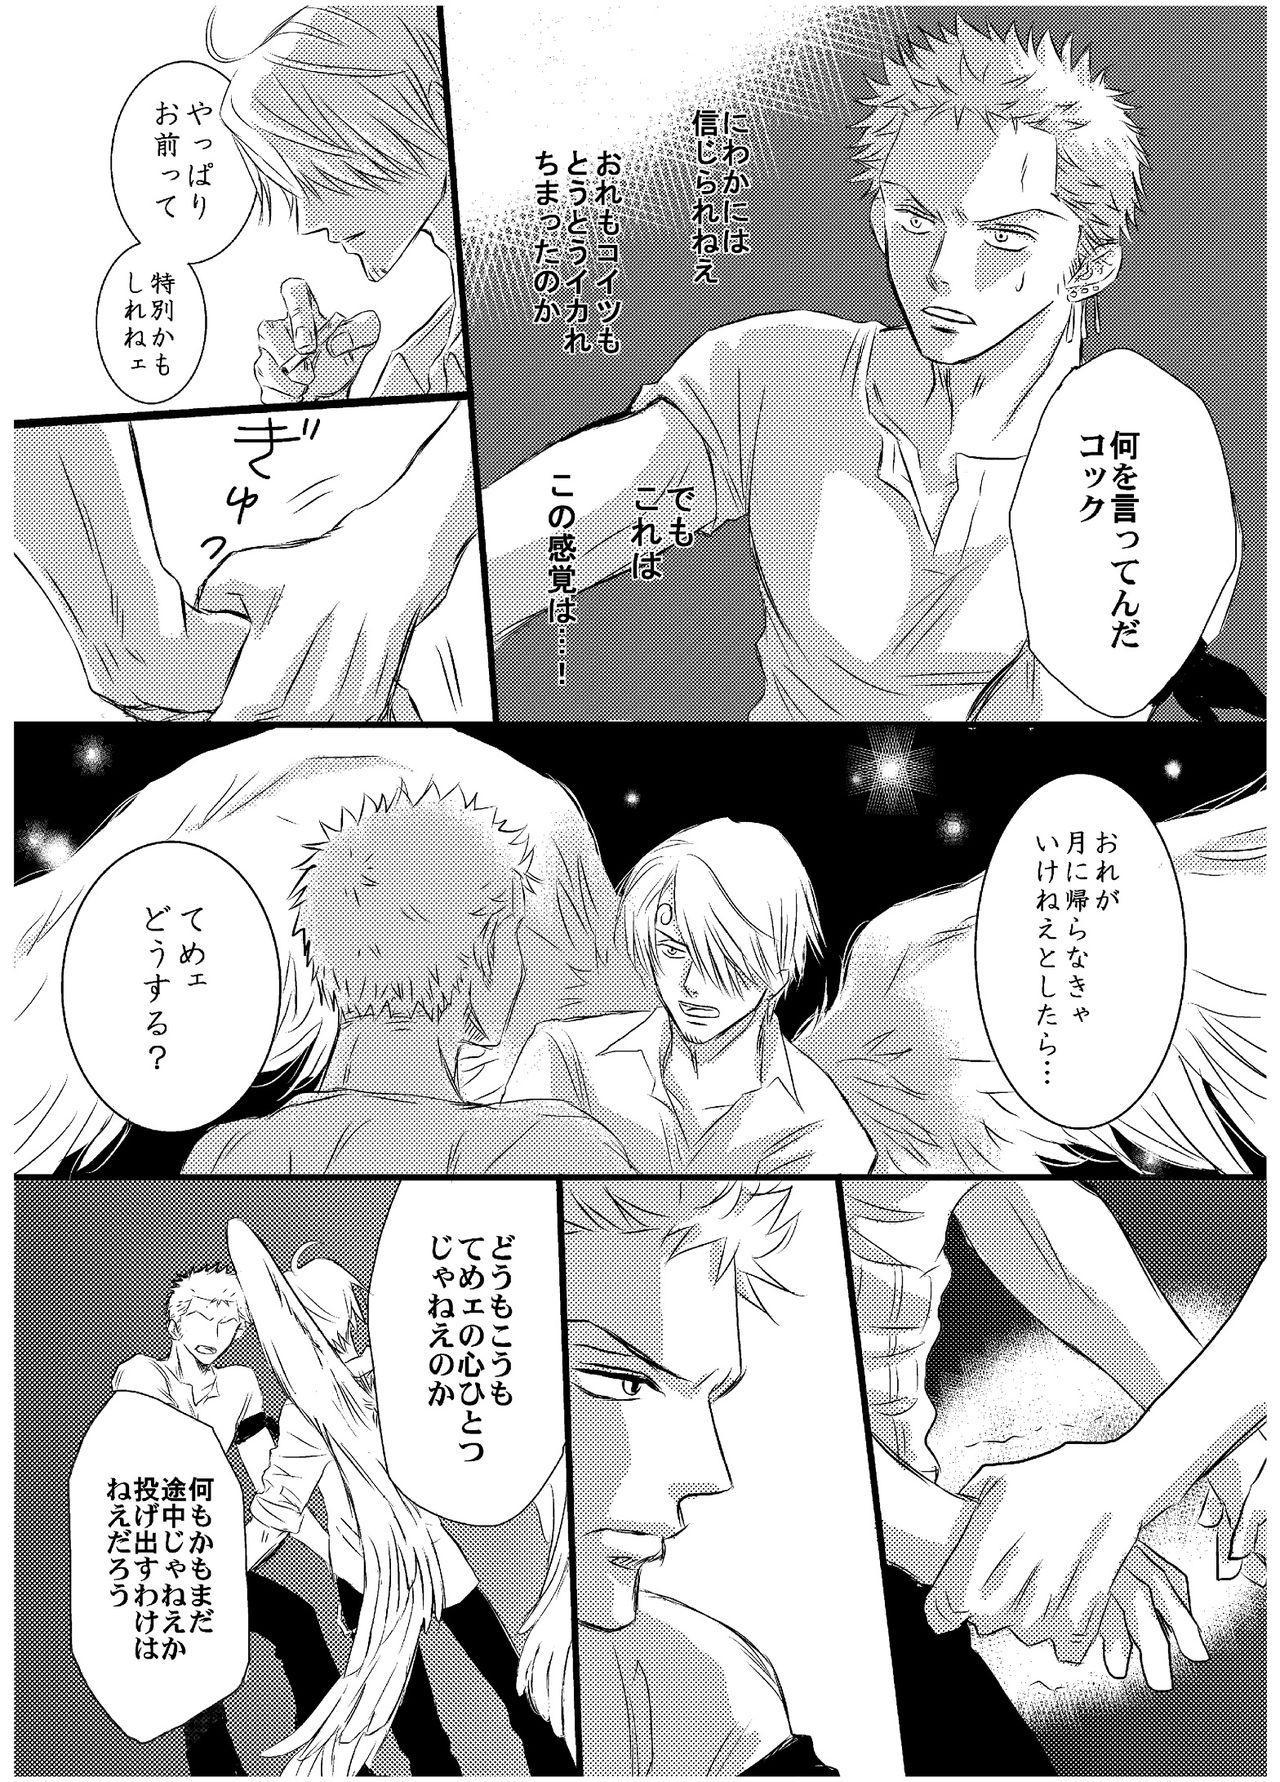 Inryoku de Hanasanai 9